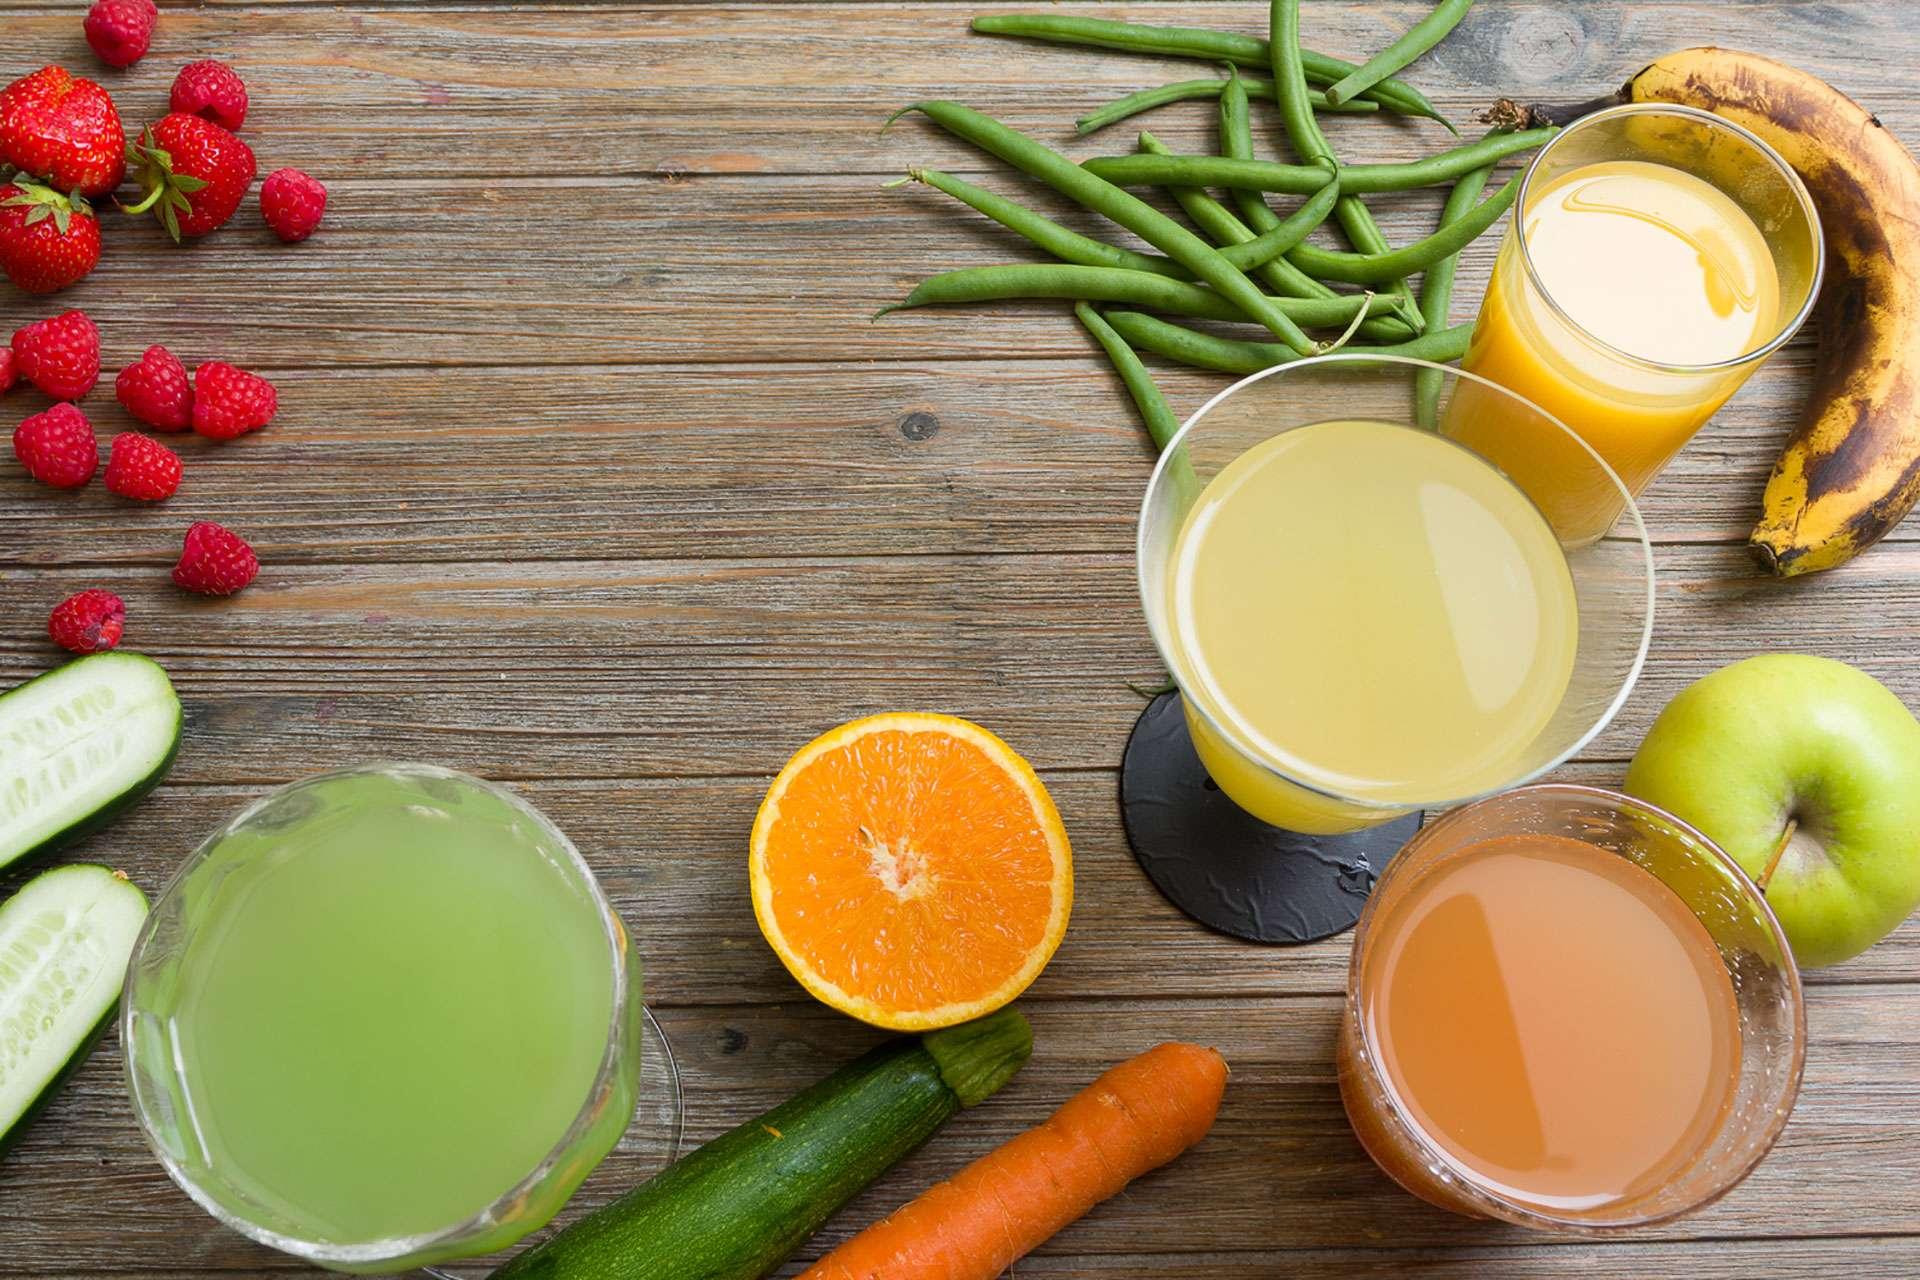 Frutta e ortaggi per estratti di succo o centrifughe